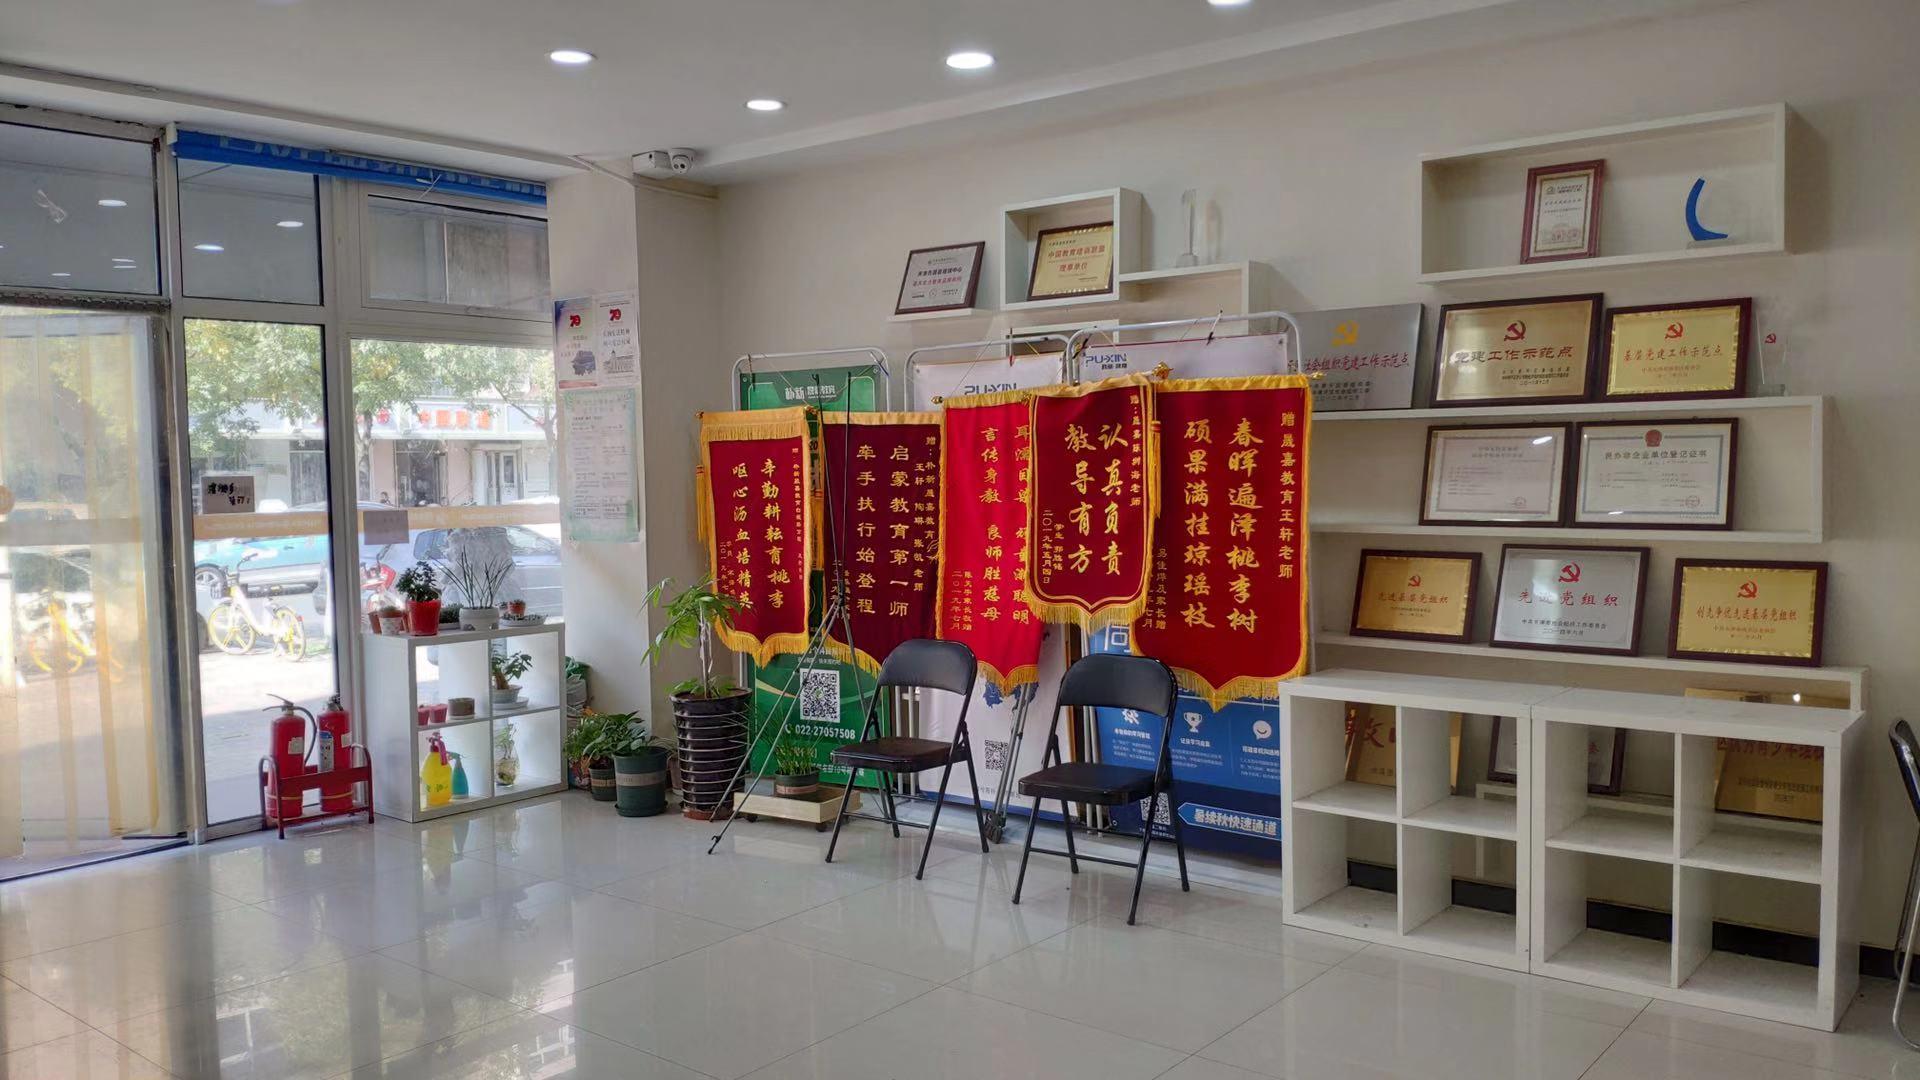 http://cdn.pxschool.pxjy.com/qiniuyun/20191218/15766541901122.jpg